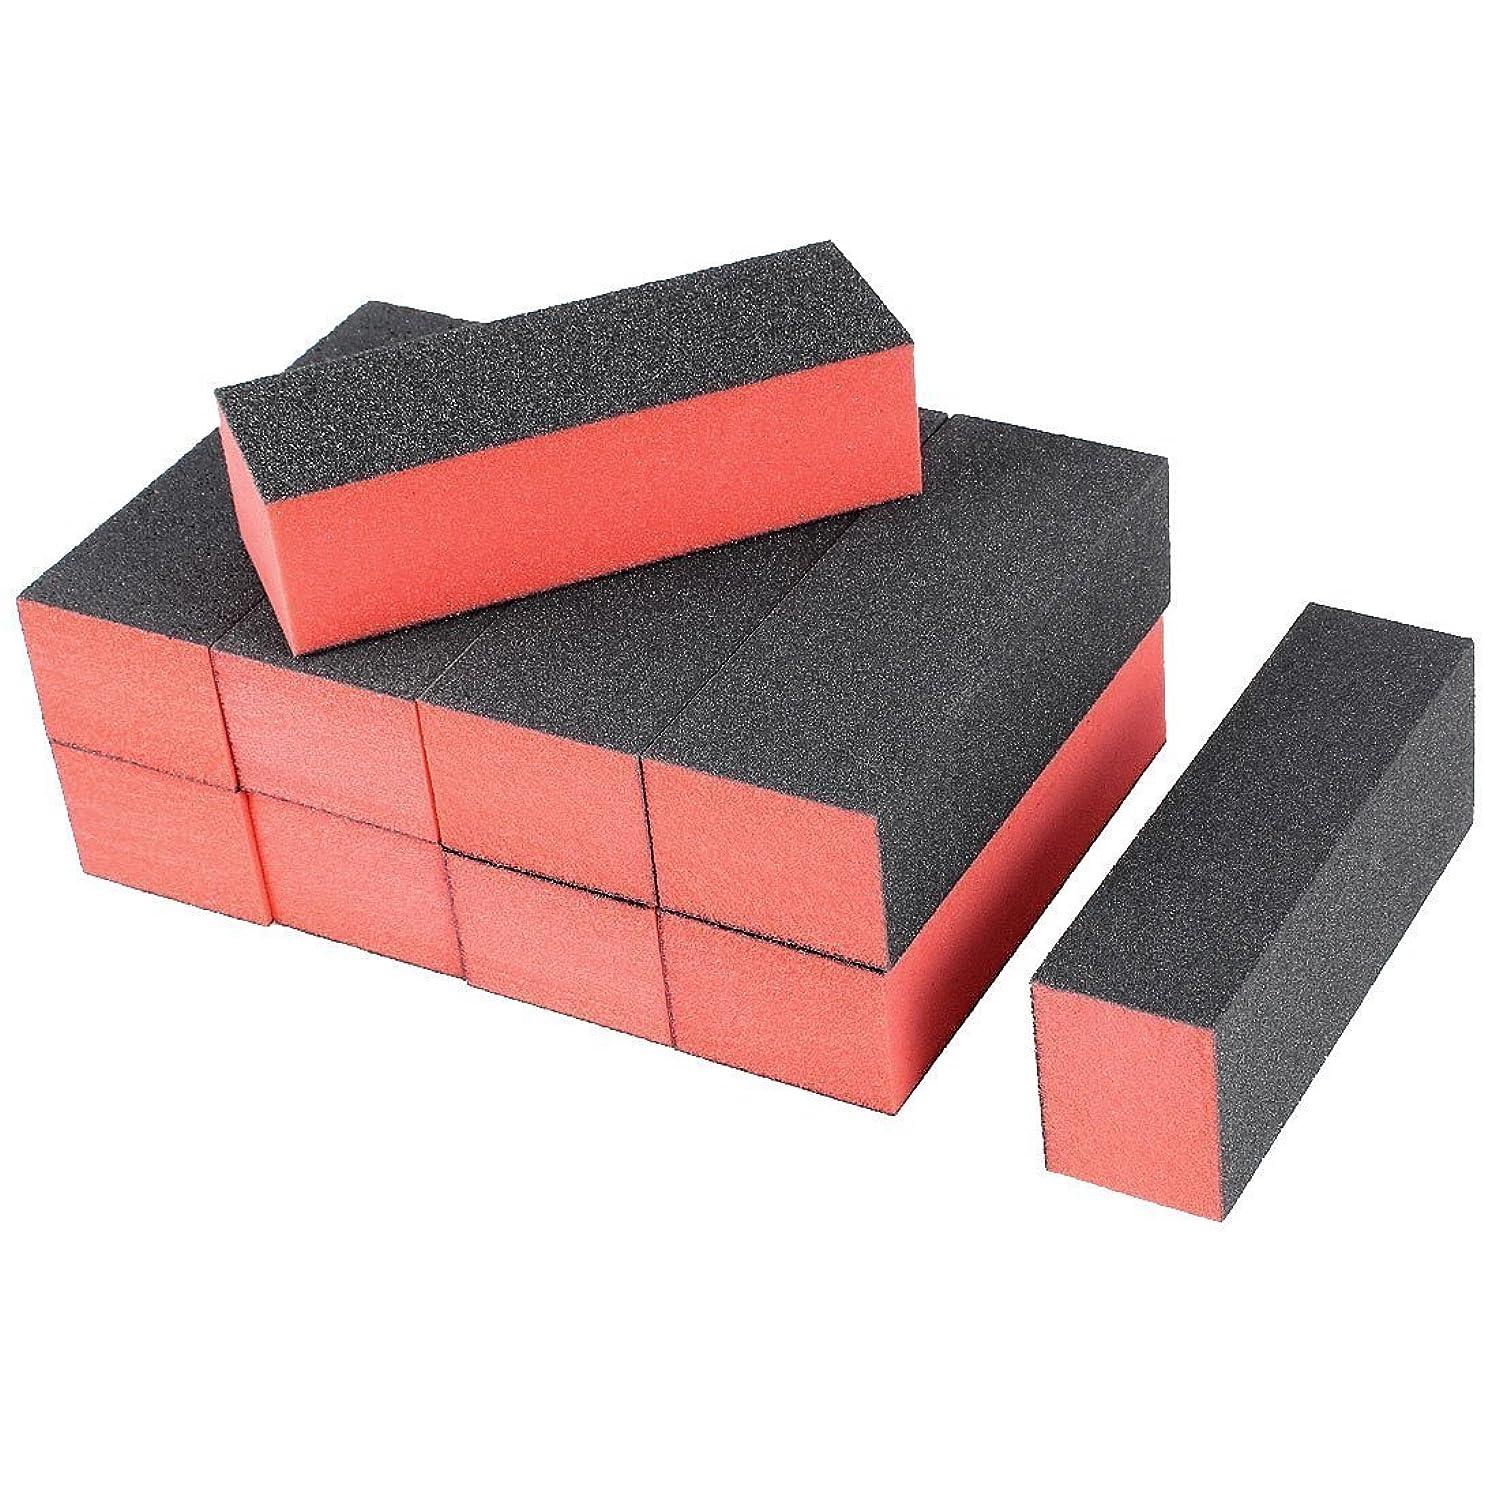 母音サスペンション悪の4ウェイネイルファイル,SODIAL(R) 10×ブラックレッドネイルポリッシャー4ウェイバッファバフブロックマニキュアファイル